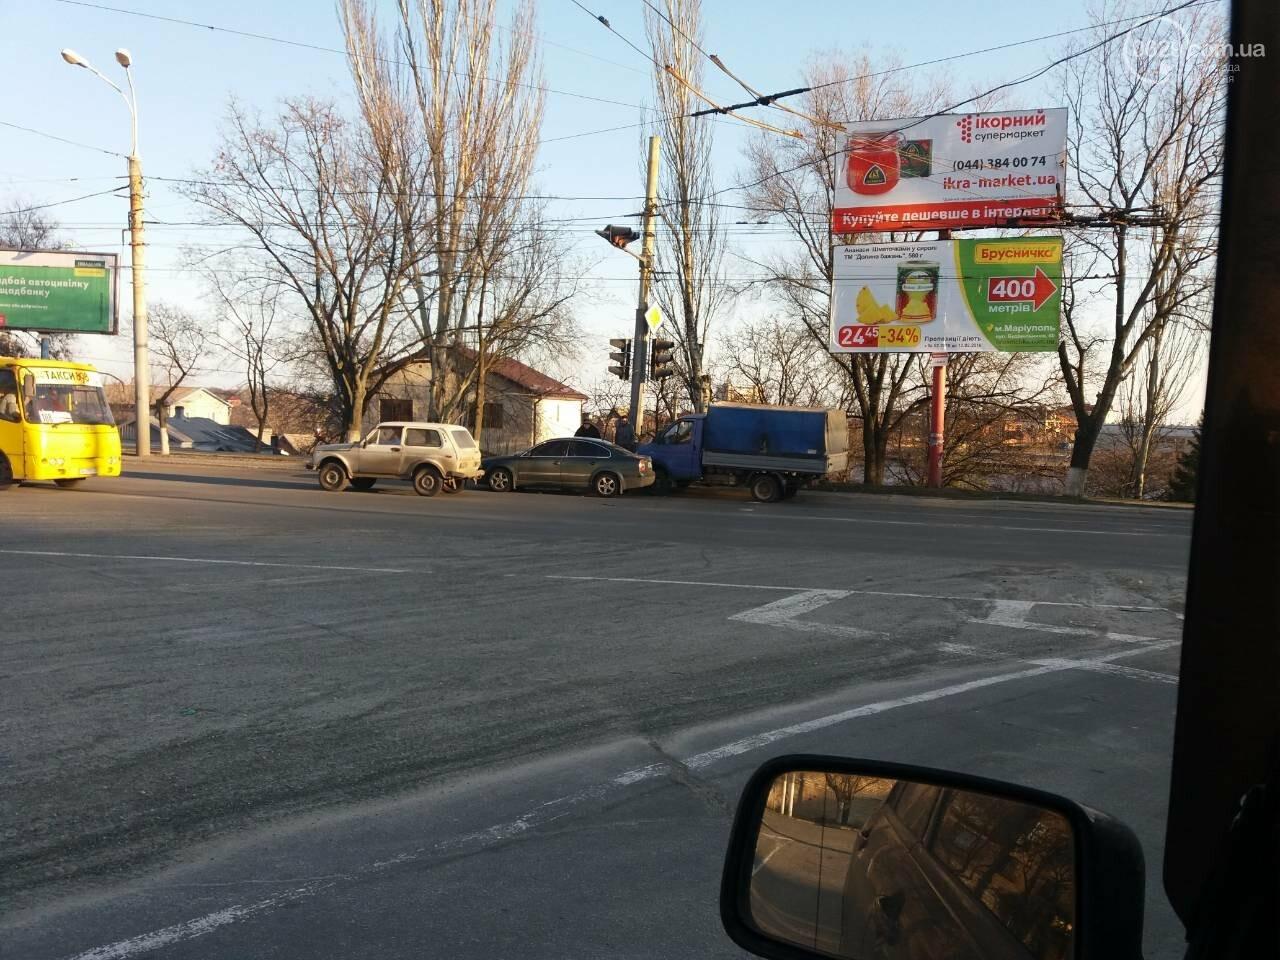 """В Мариуполе на перекрестке столкнулись """"Газель"""" и """"Фольксваген"""" (ФОТО), фото-2"""